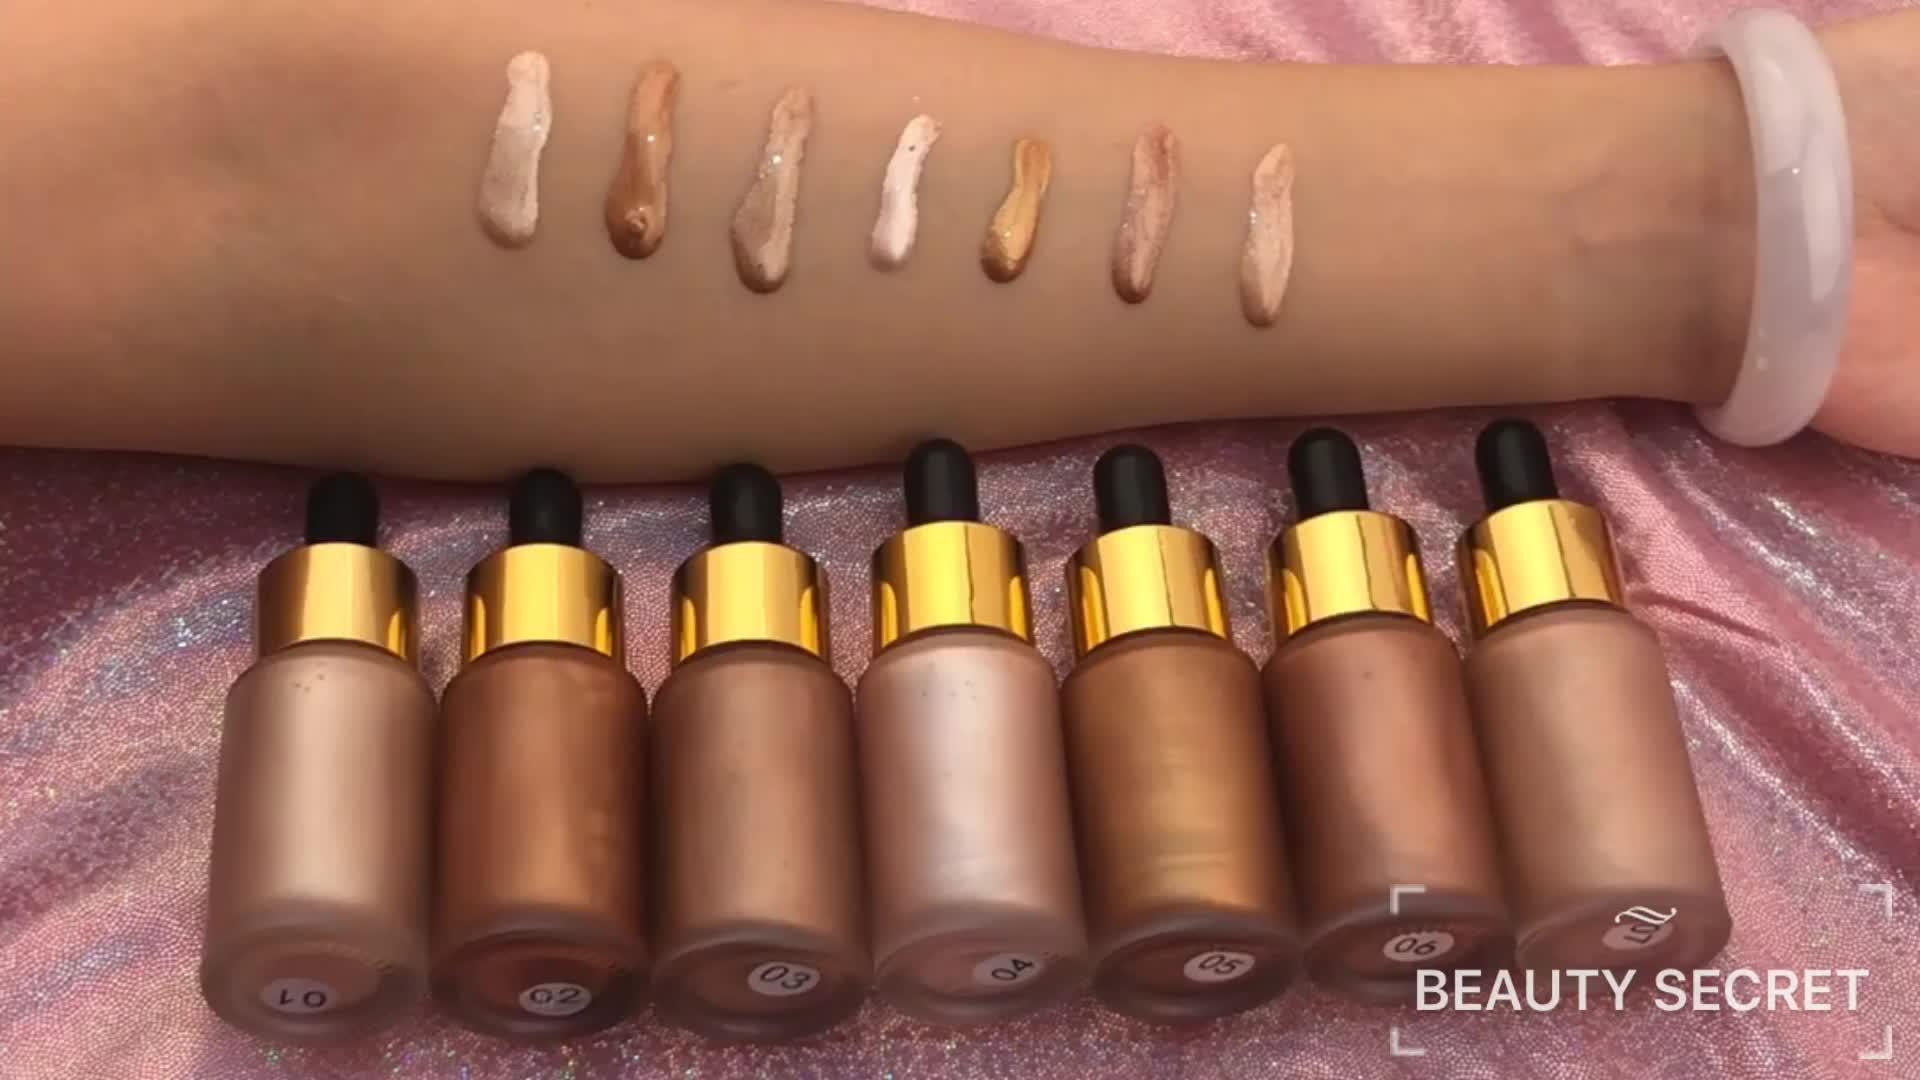 OEM Label Pribadi Tersedia 20 Ml Berkilau Stabilo Kosmetik Stabilo Riasan 7 Warna Cair Sorot dengan Tabung Emas